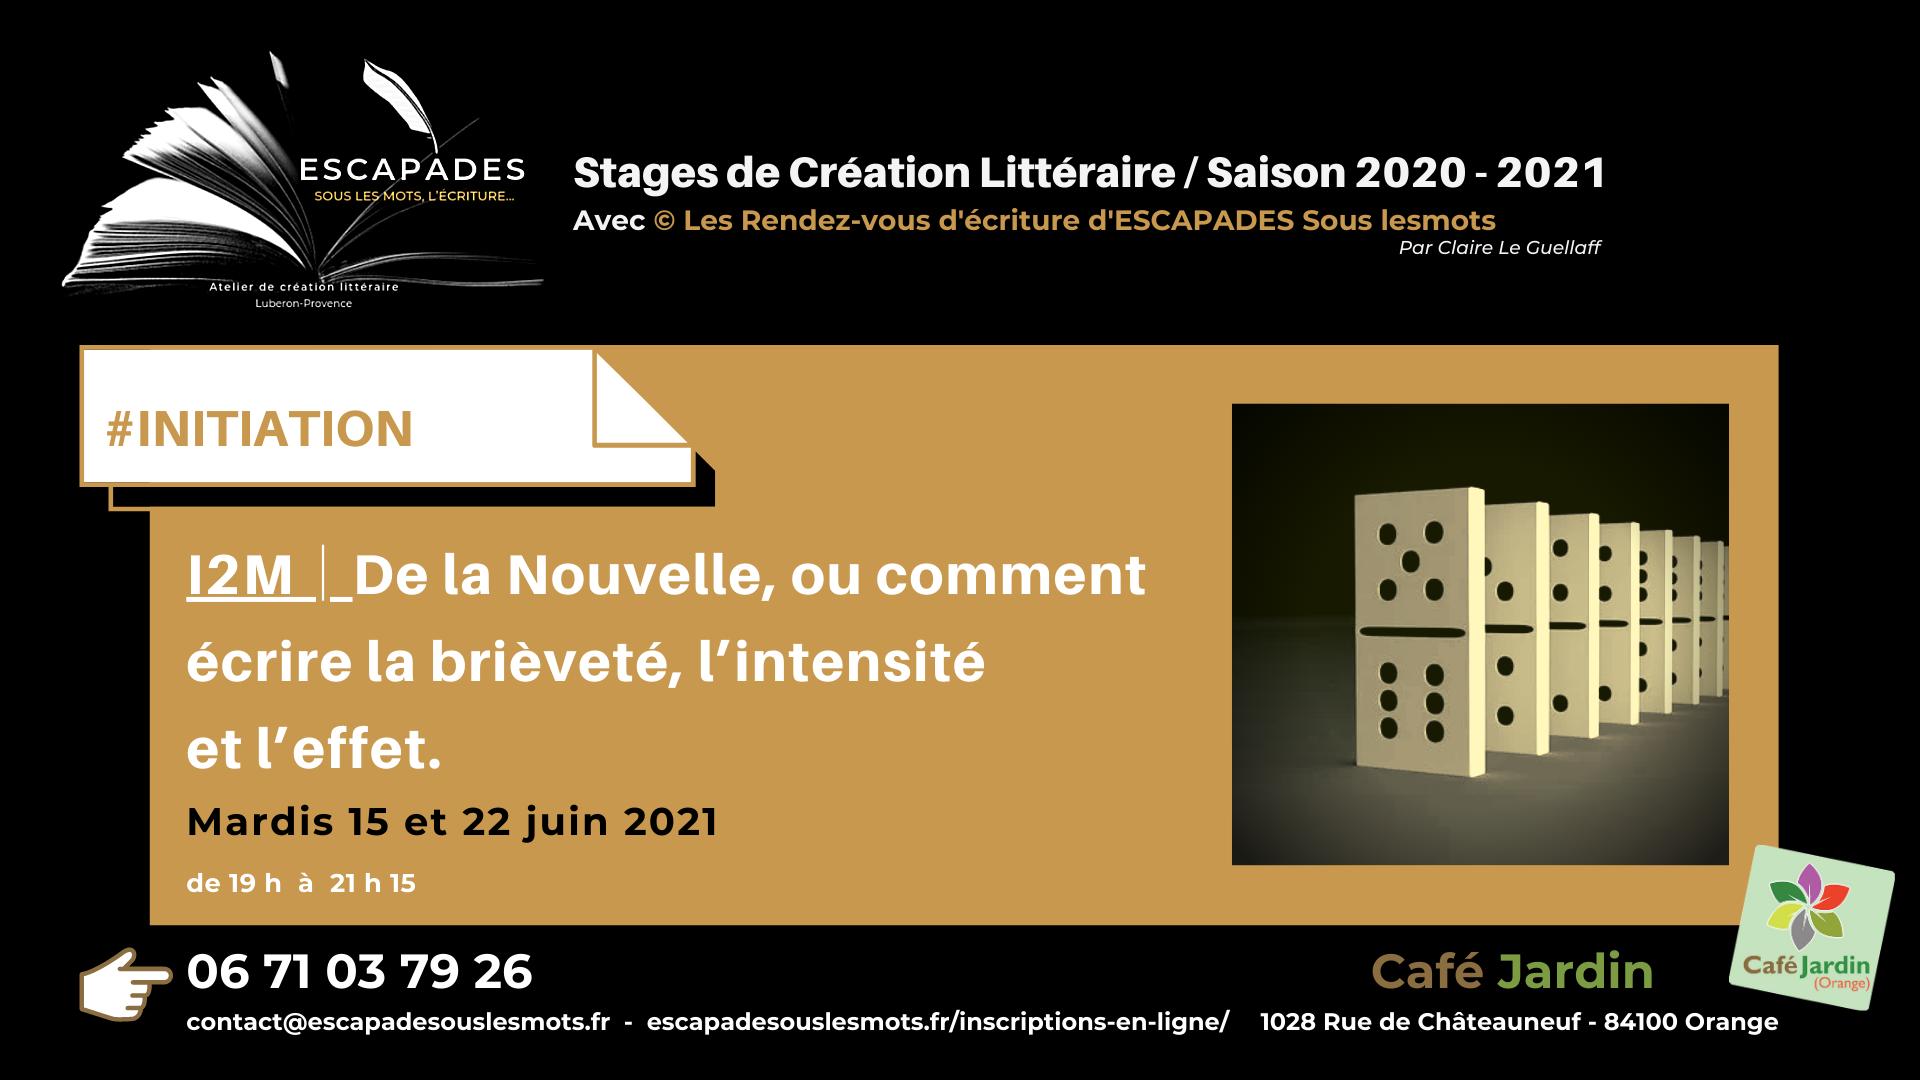 """#INITIATION : """"De la Nouvelle, ou comment écrire la brièveté, l'intensité et l'effet."""" 15 et 22 juin 2021"""